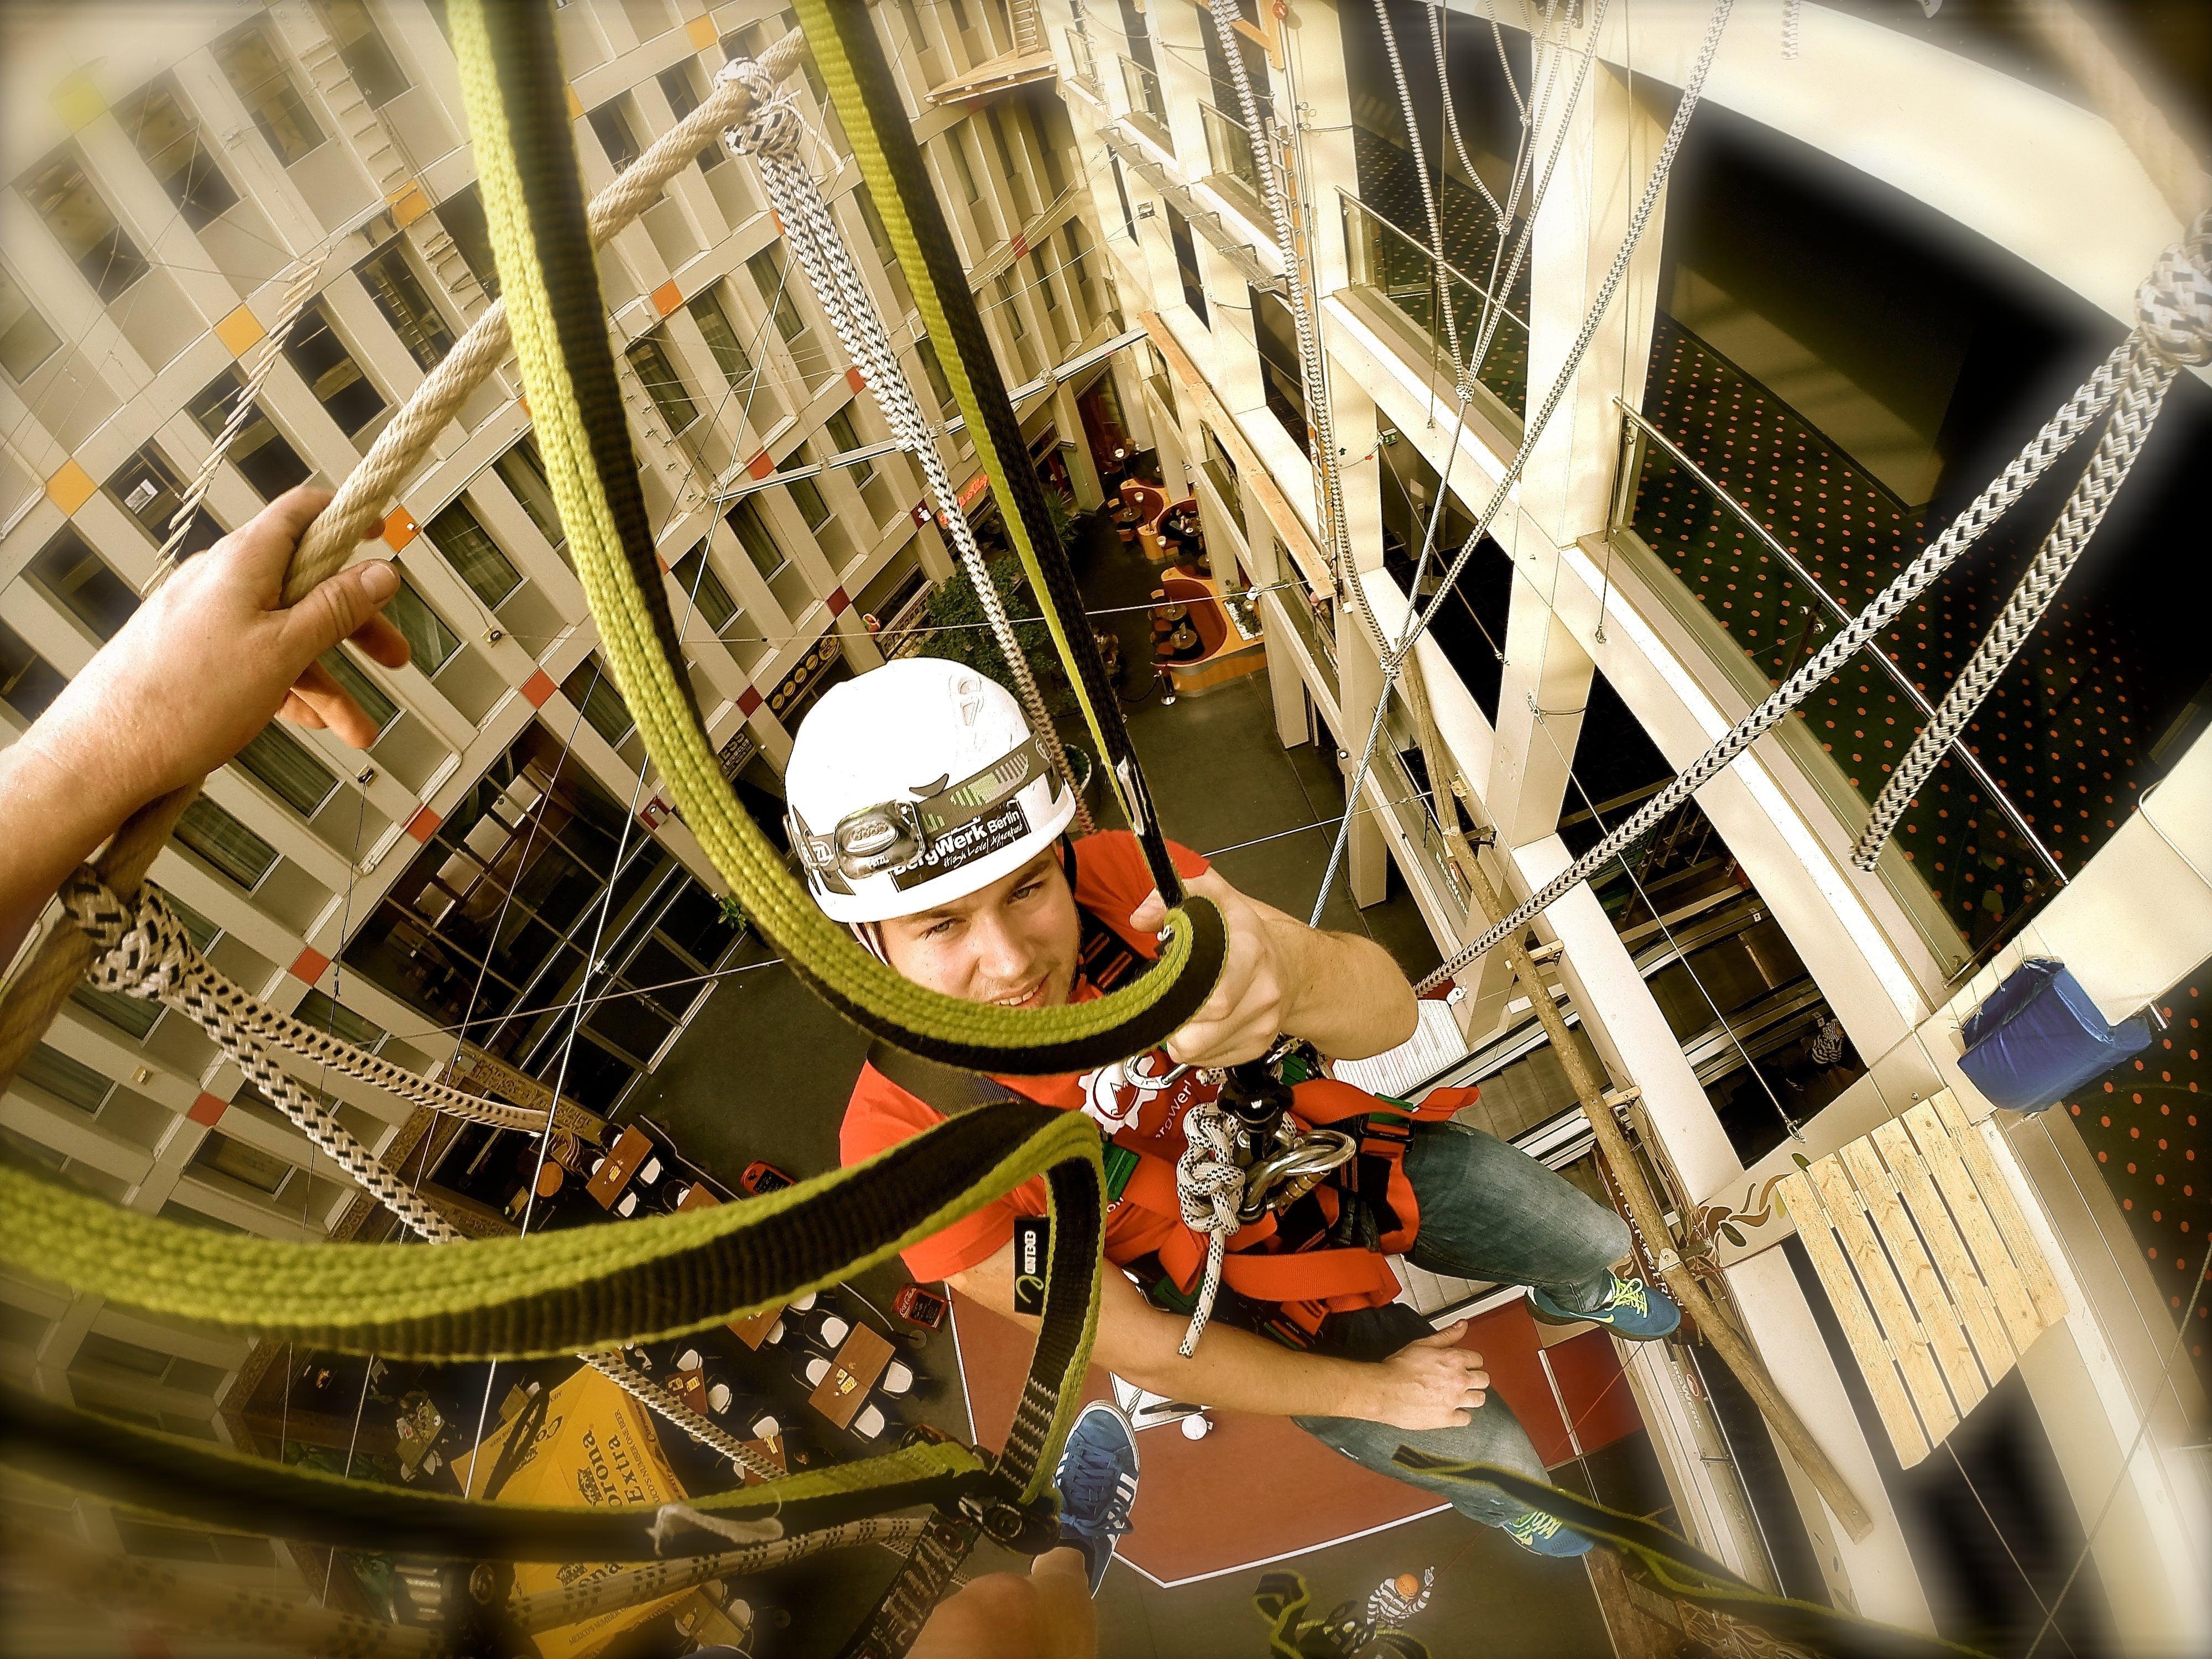 Kultur und Bewegung unter einem Dach - Sören Sydow - Kletterparkmanager in Berlin